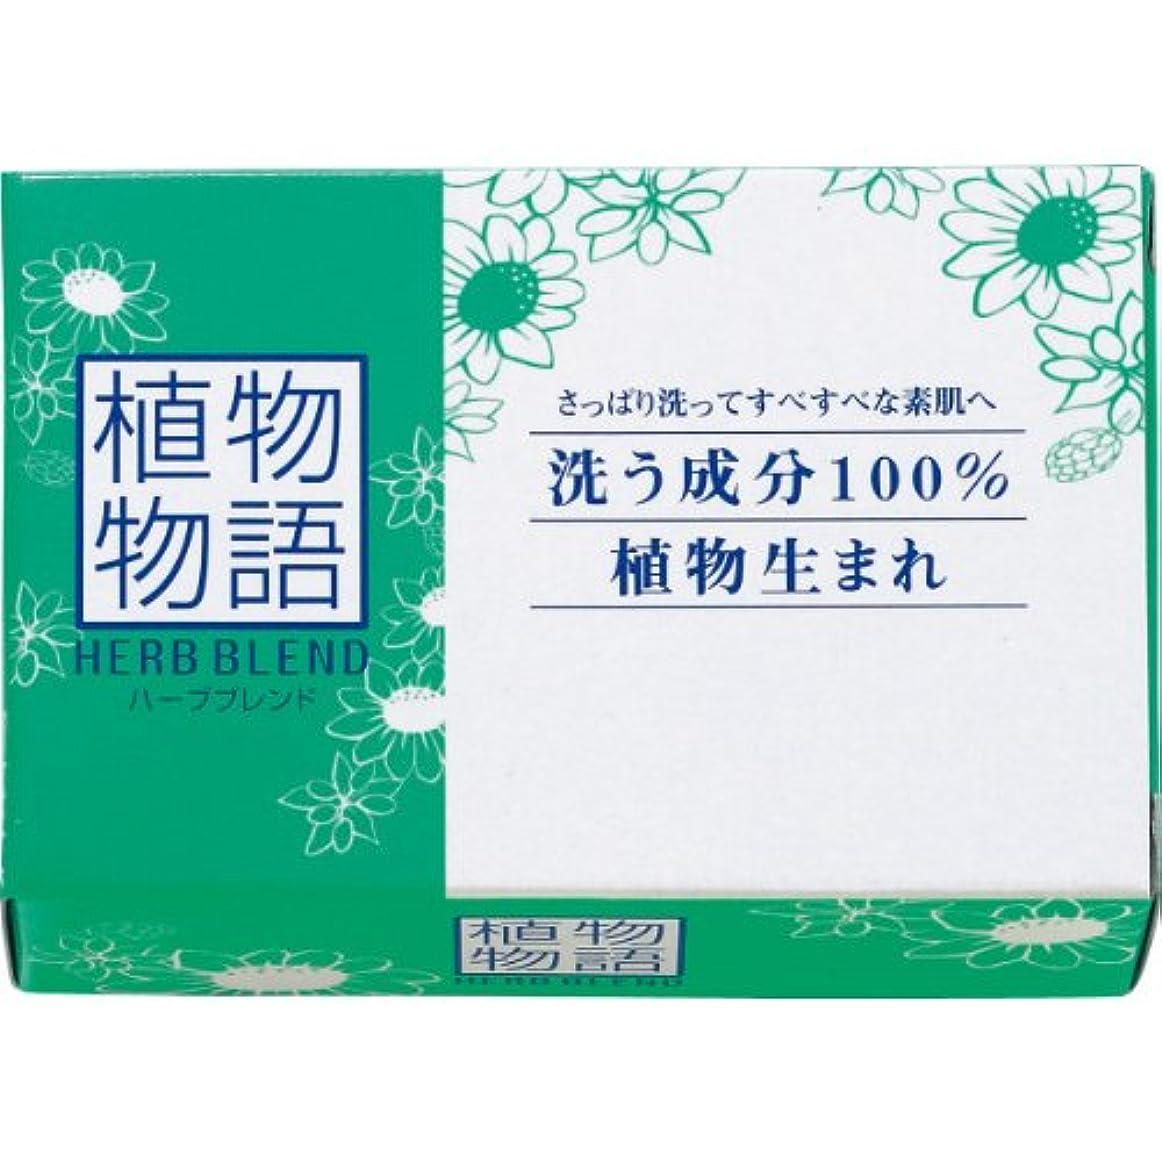 同等の変換まっすぐにする【ライオン】植物物語ハーブブレンド 化粧石鹸 80g